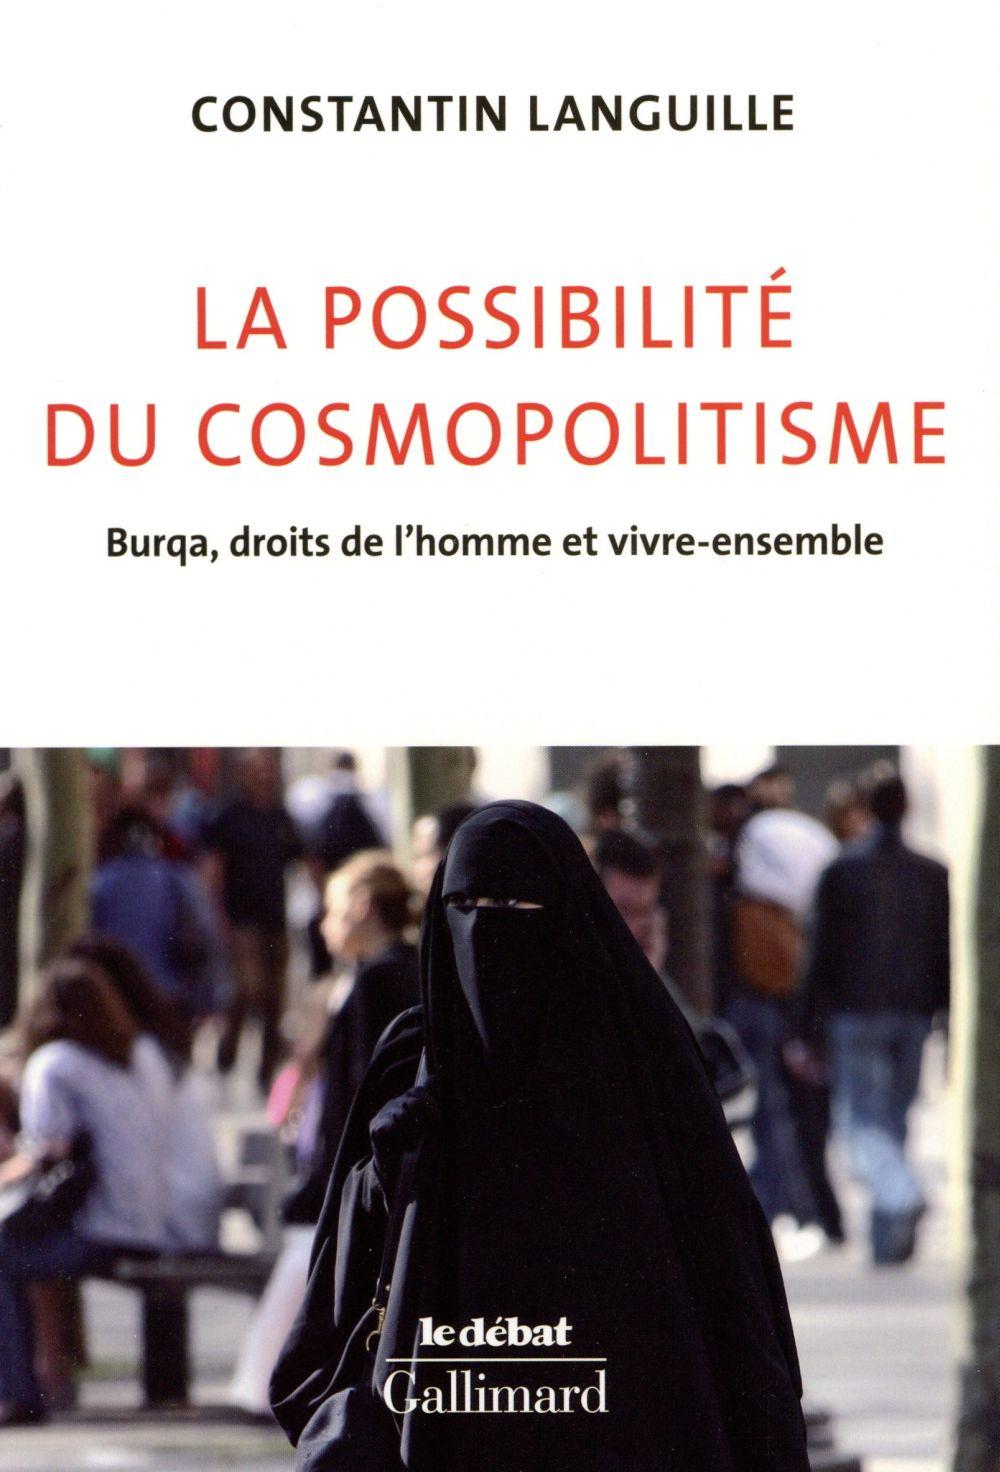 La possibilite du cosmopolitisme ; burqa, droits de l'homme et vivre-ensemble